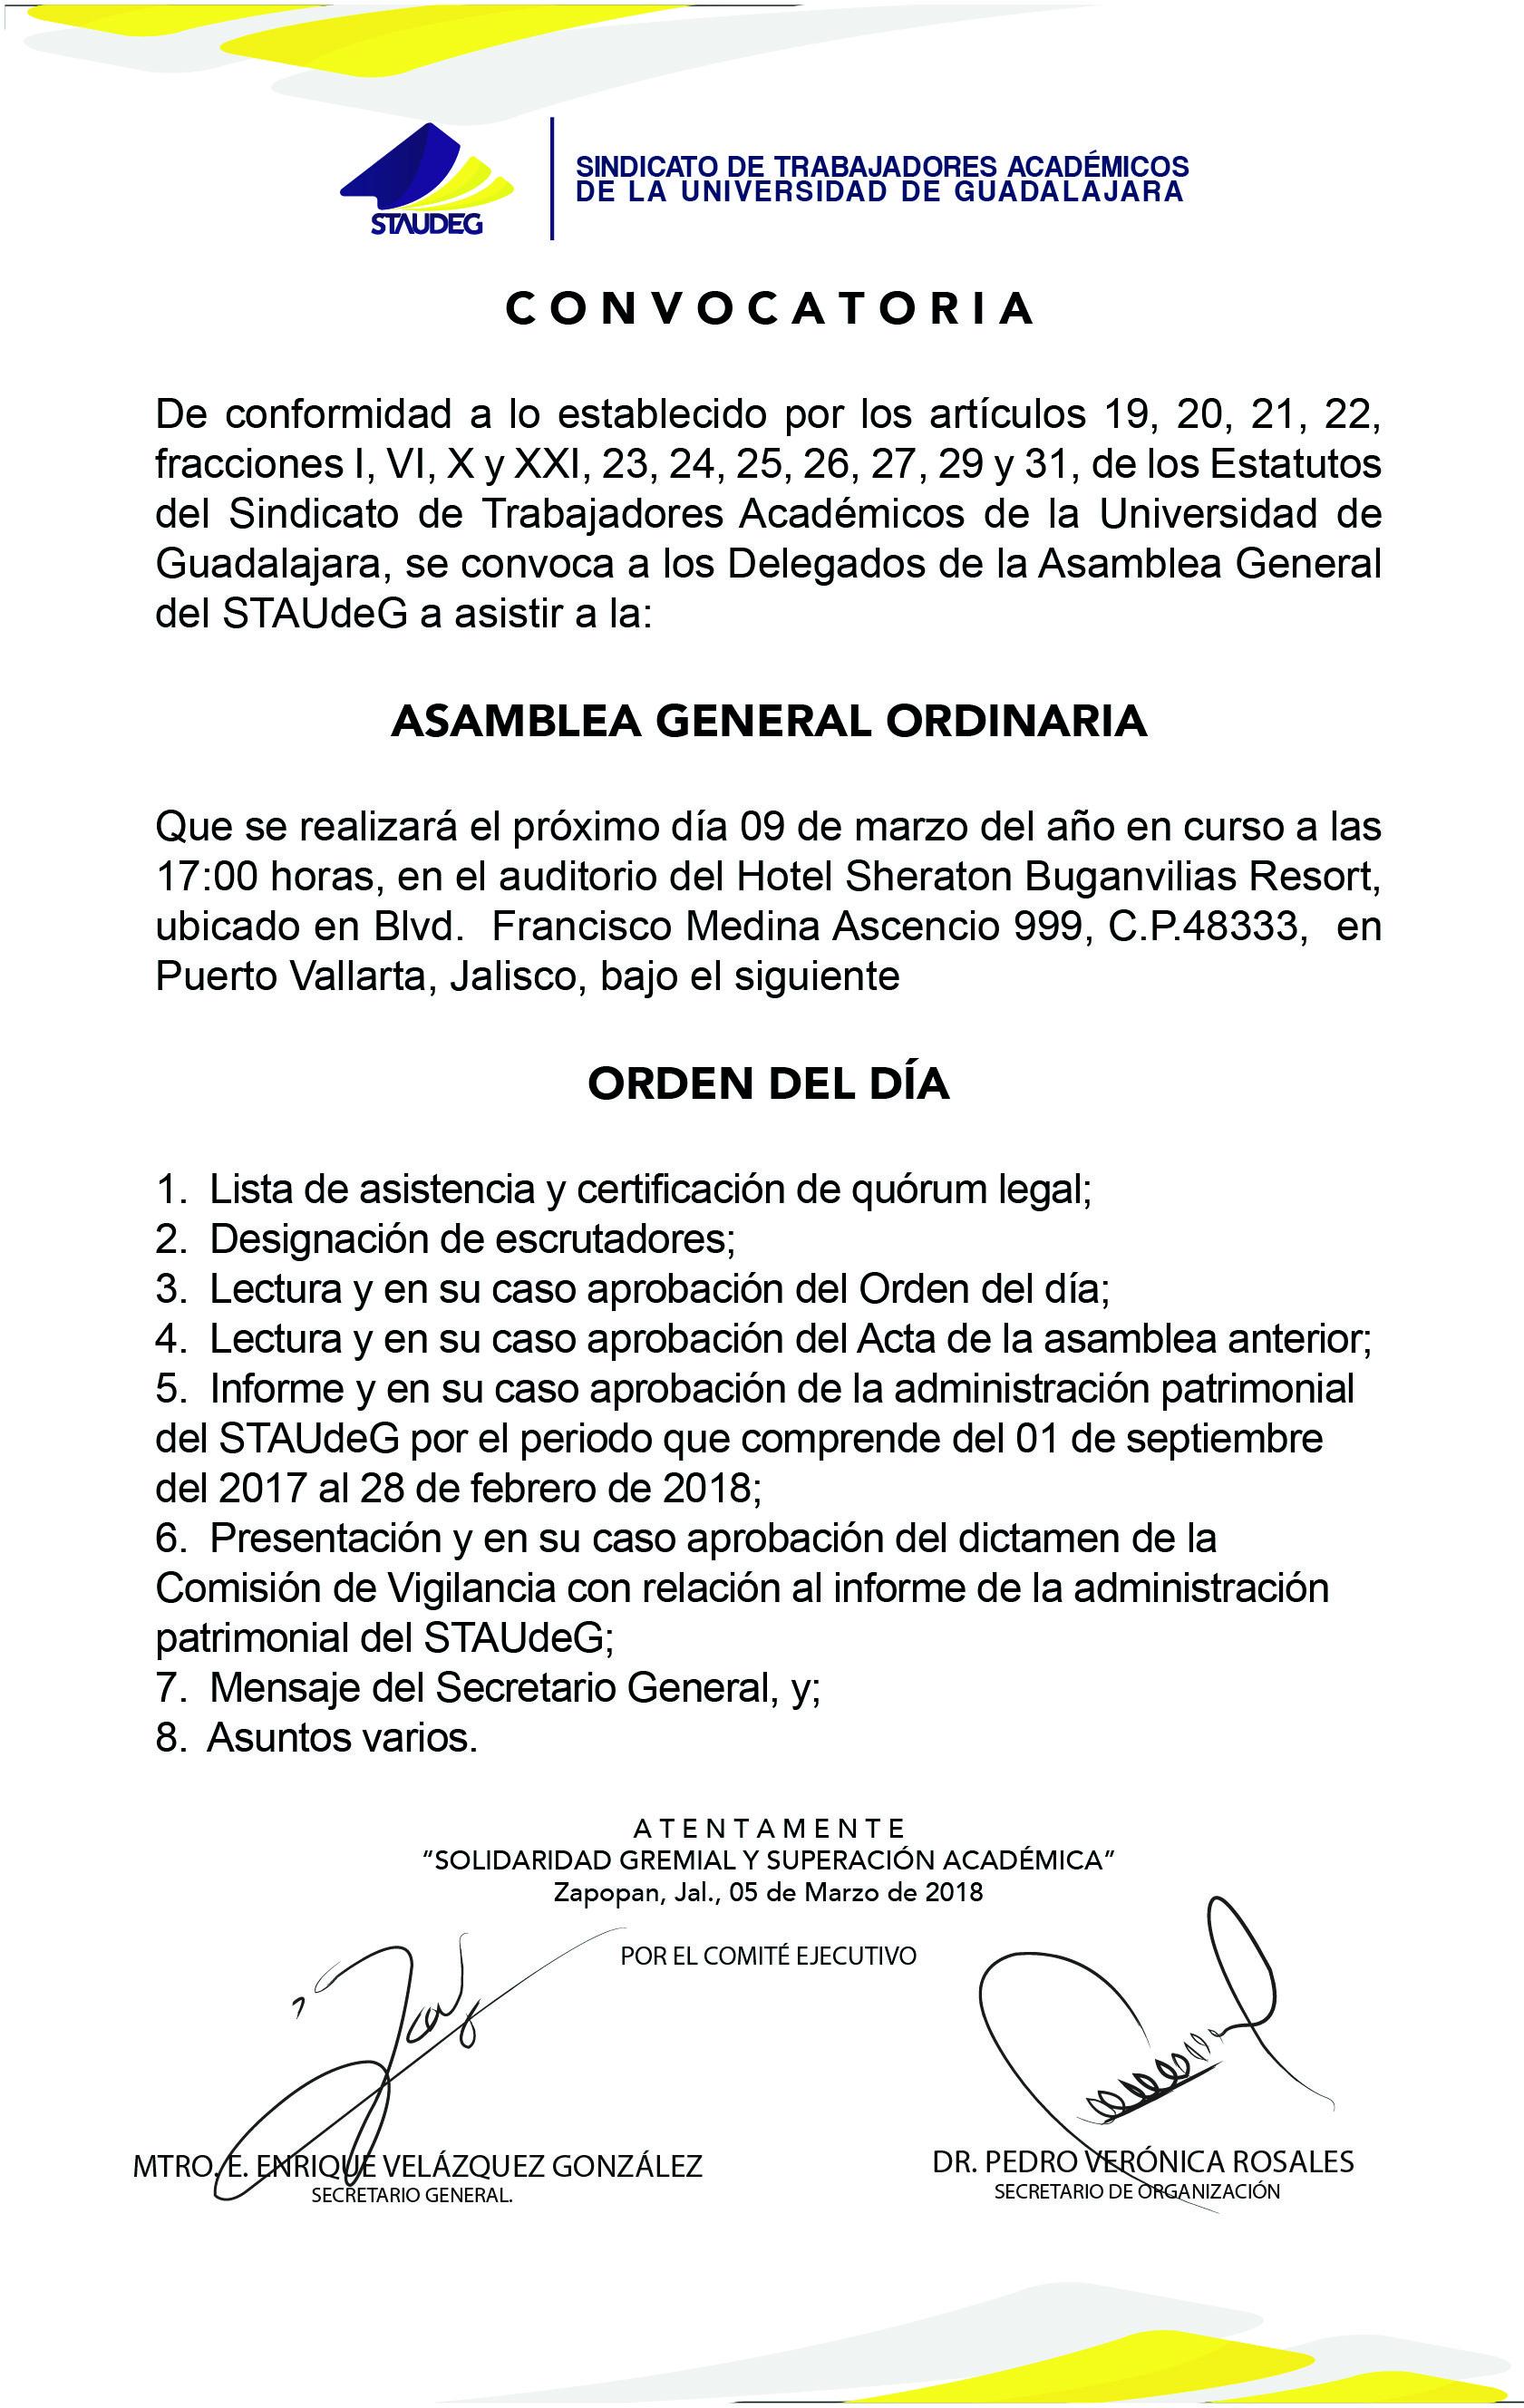 Moderno Formato De Dirección De Correo Electrónico Para Reanudar ...